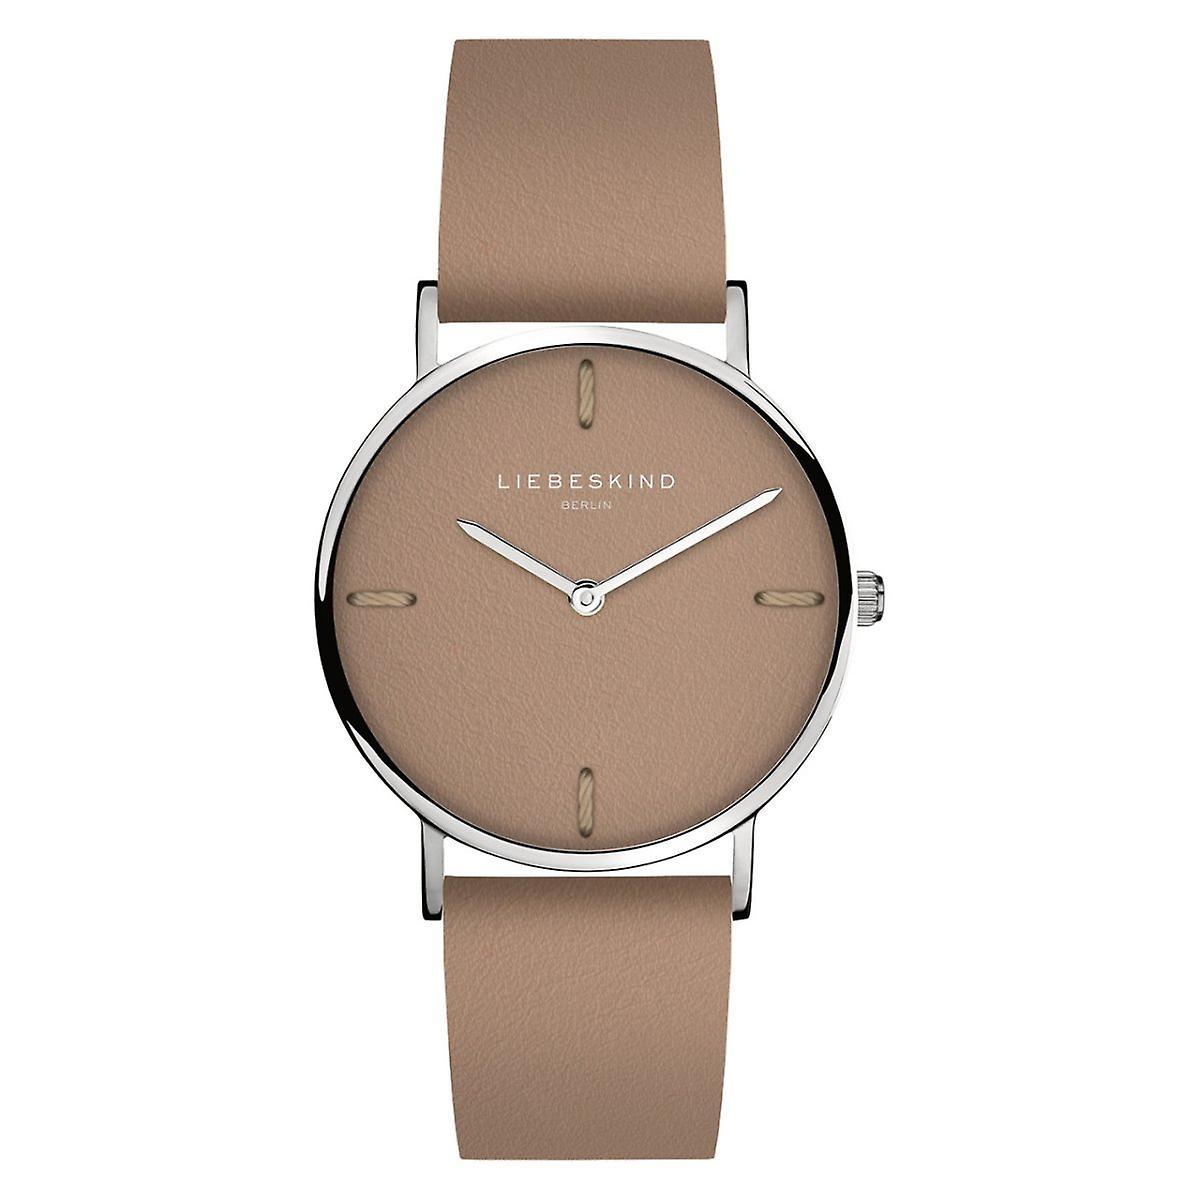 0132 Lq Berlin Leder Liebeskind Damen Armbanduhr Uhr Lt v8nwym0NO